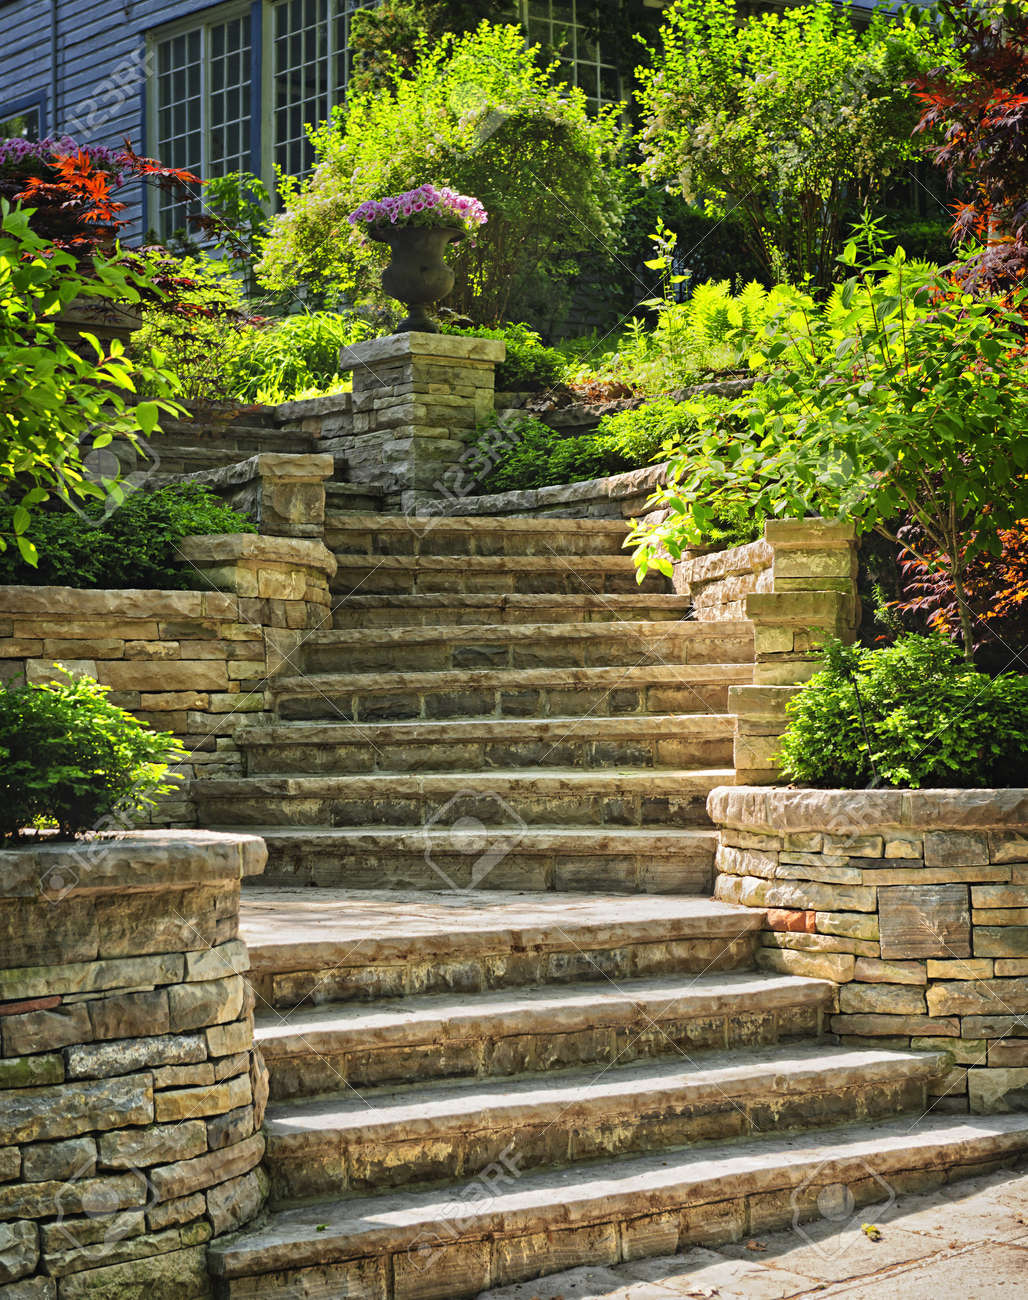 Pierre Naturelle Escaliers Aménagement Paysager Dans Le Jardin De ...